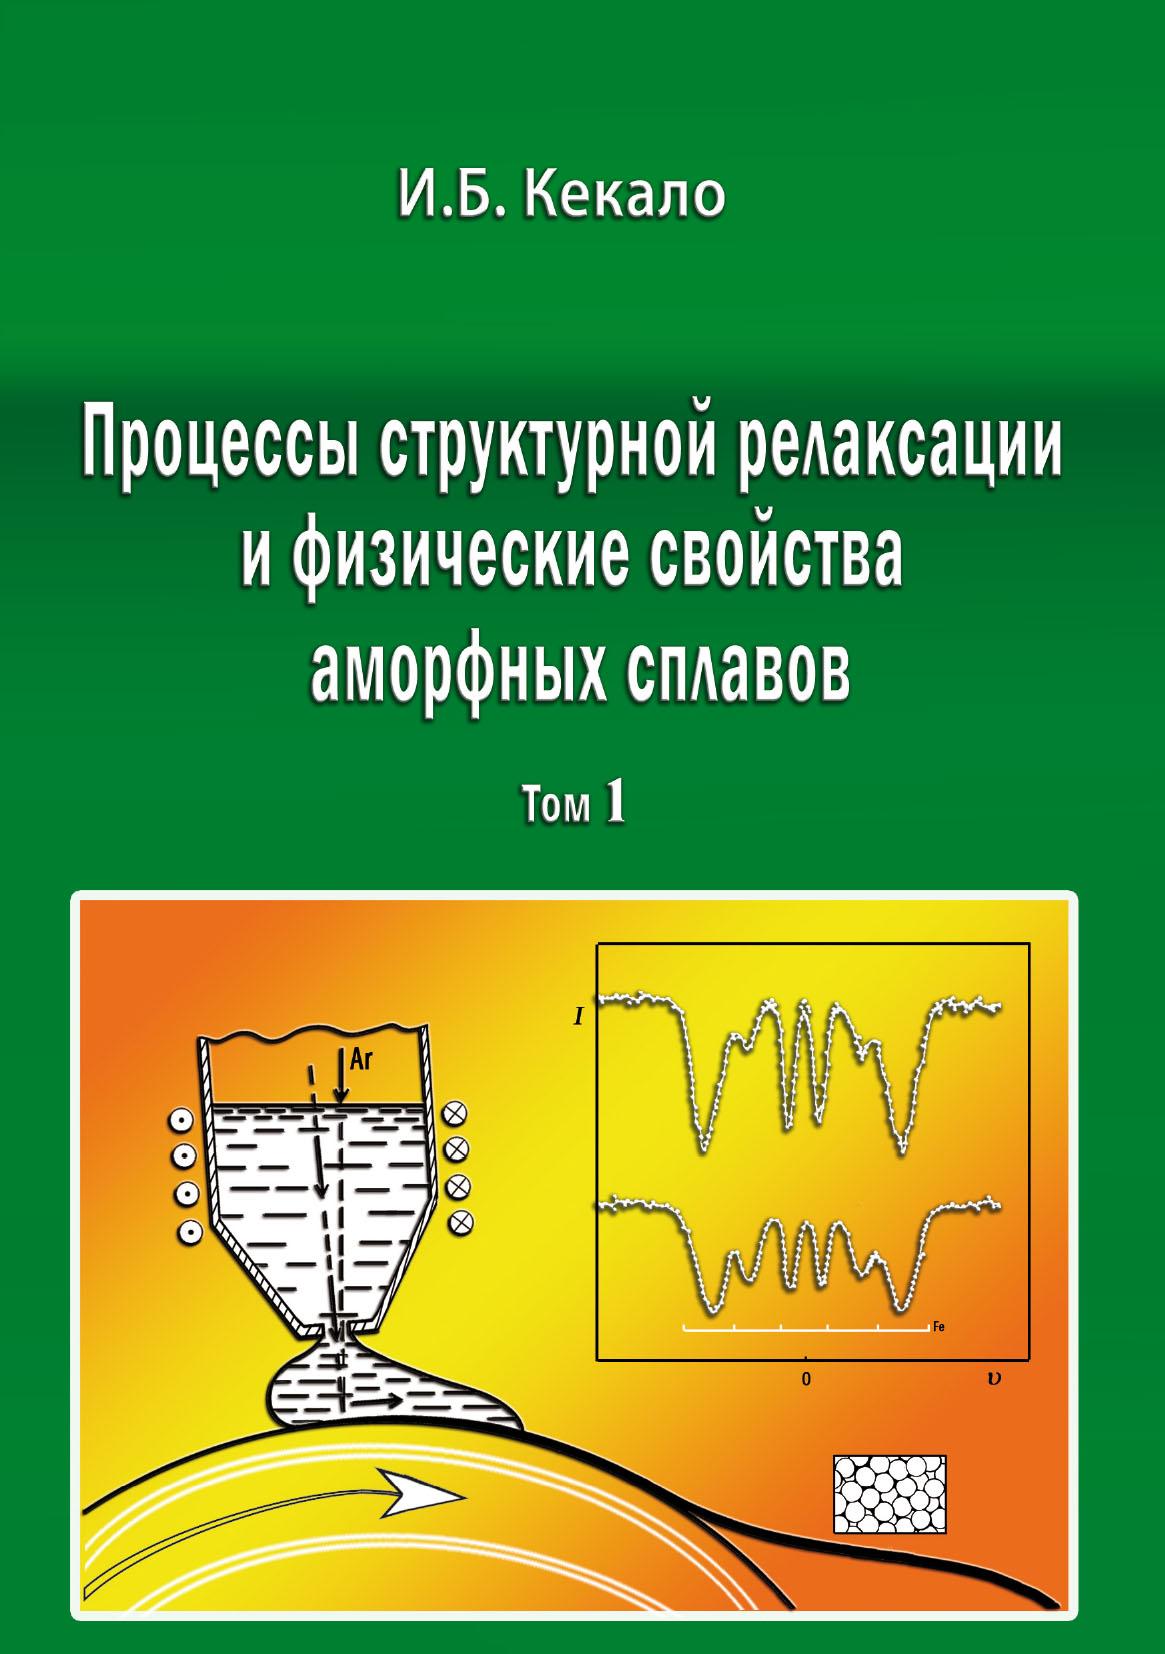 купить Игорь Кекало Процессы структурной релаксации и физические свойства аморфных сплавов. Том 1 онлайн